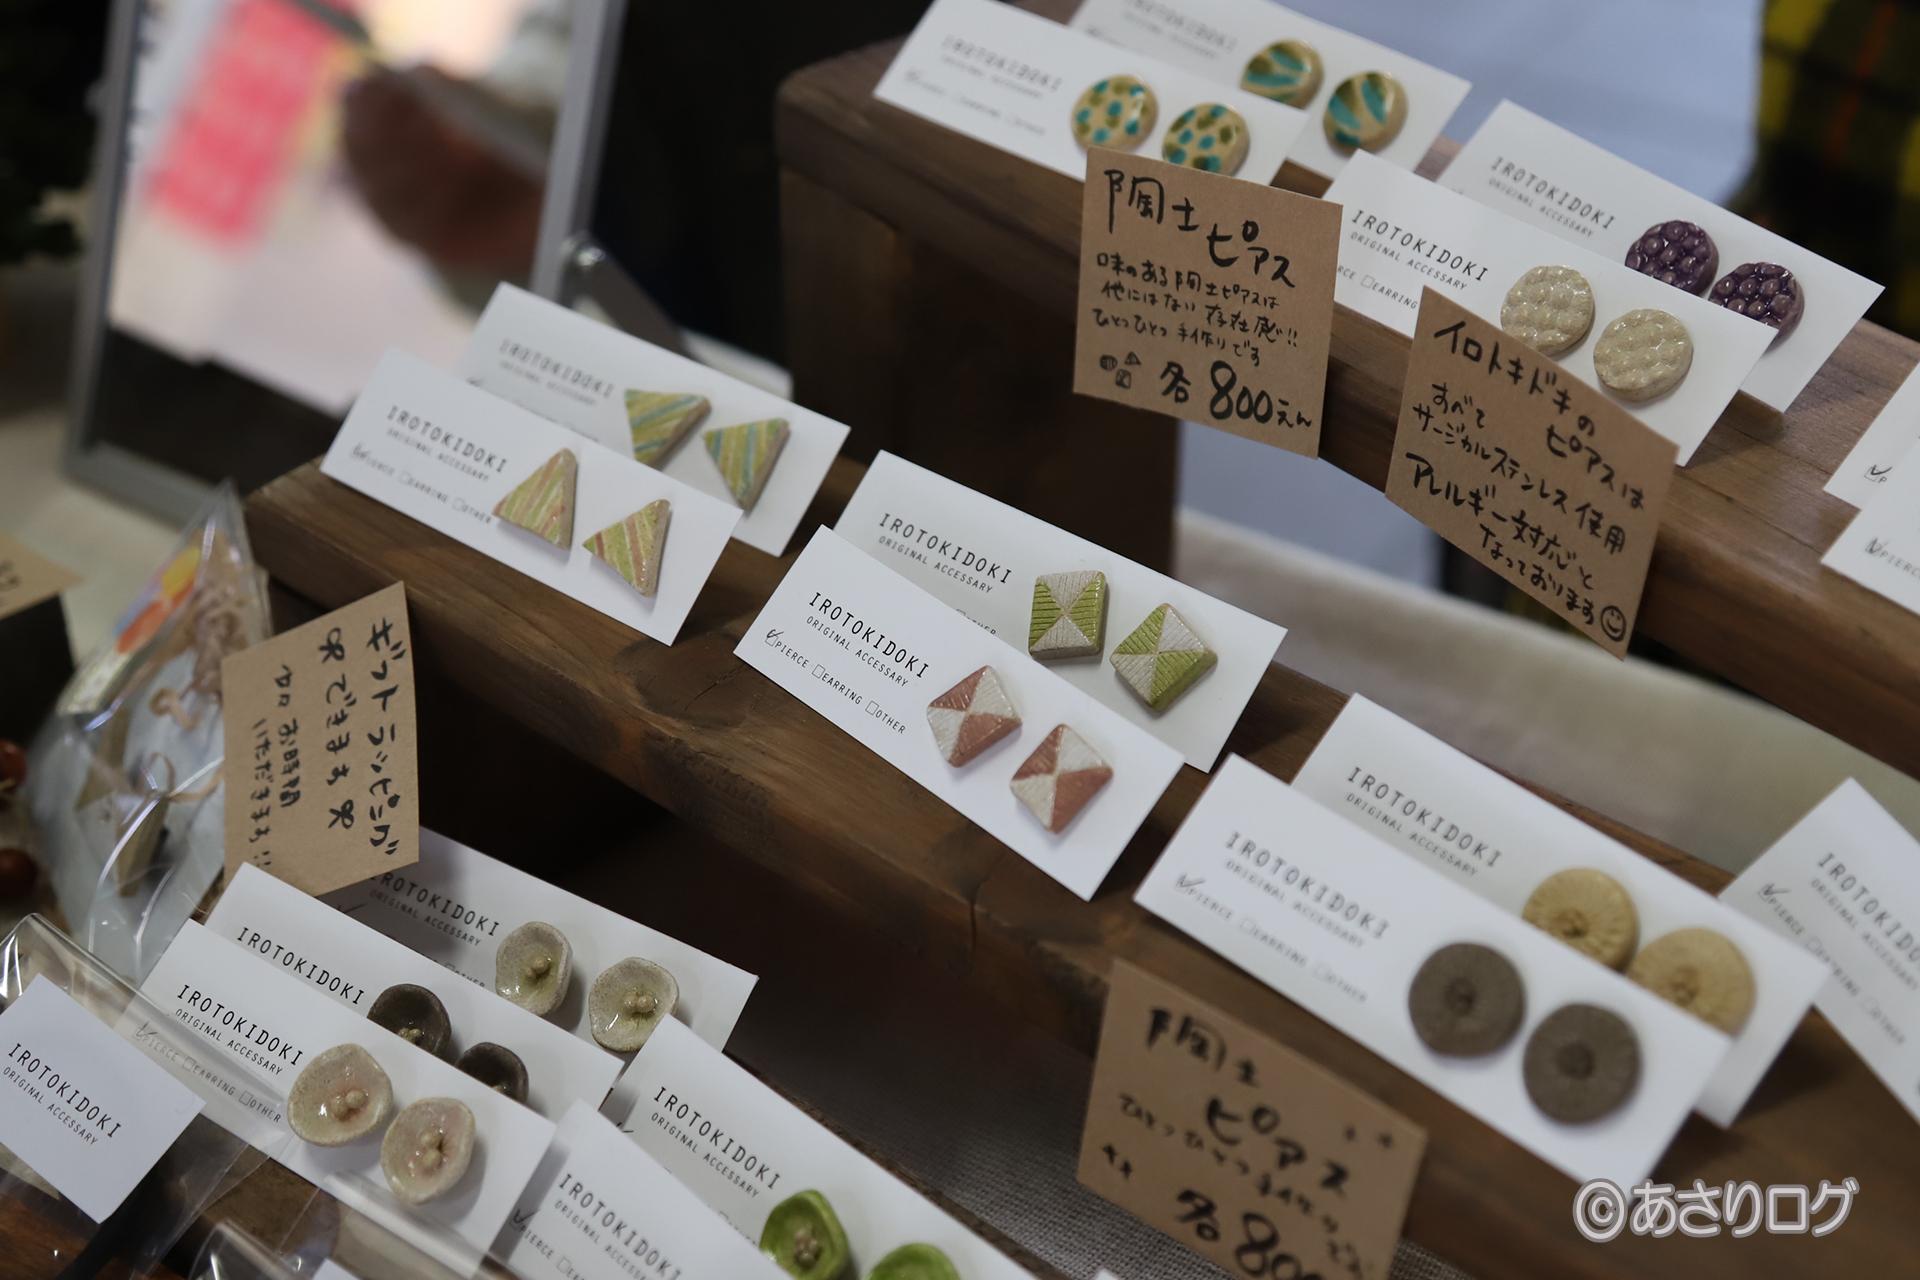 Ceramic clay accessories